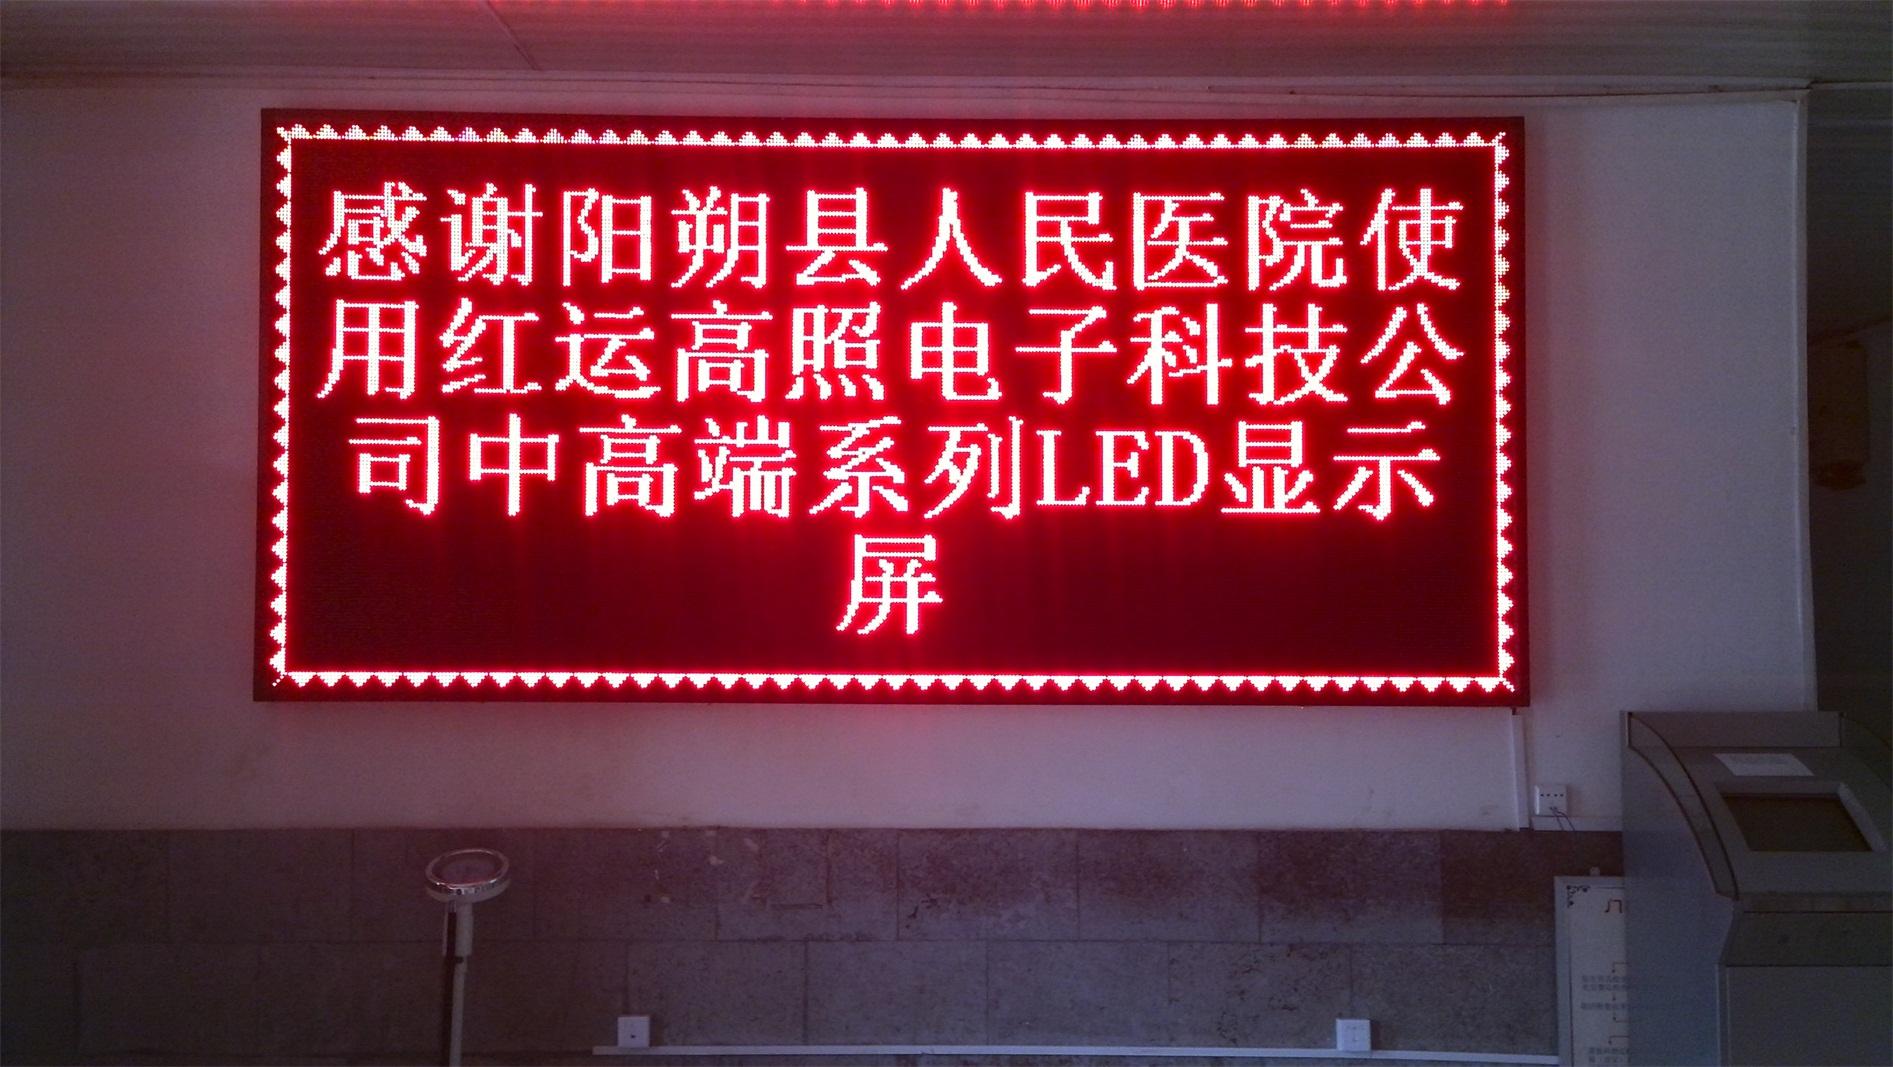 图文LED显示屏